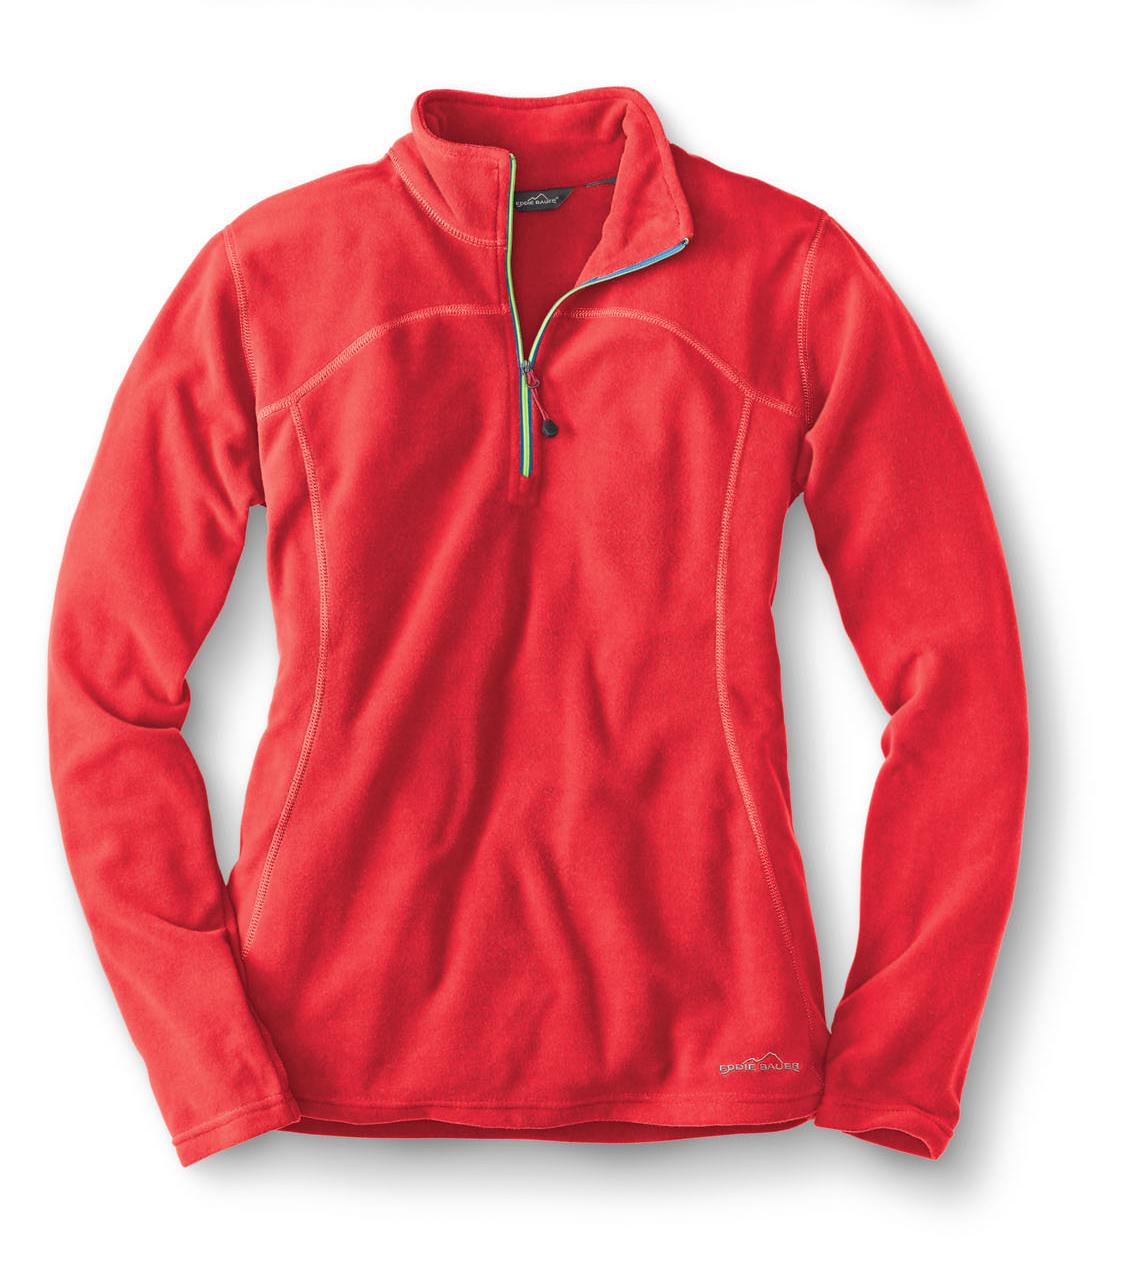 Women's 1/4 Zip Fast Fleece